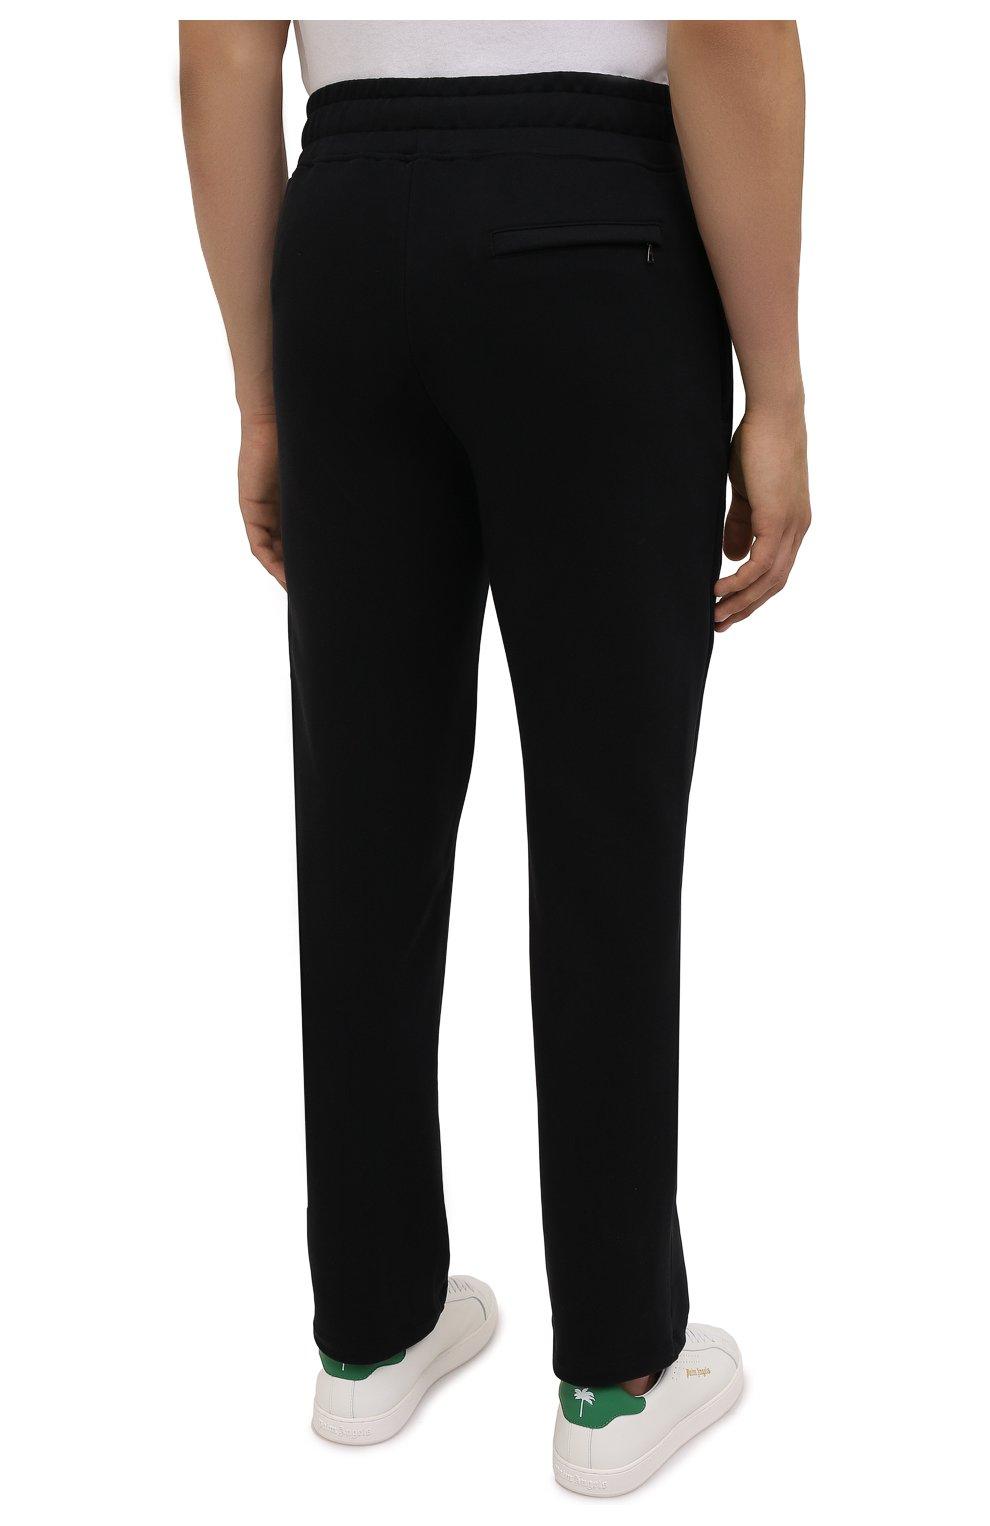 Мужские хлопковые брюки LIMITATO черного цвета, арт. HIT/TRACK PANTS | Фото 4 (Мужское Кросс-КТ: Брюки-трикотаж; Длина (брюки, джинсы): Стандартные; Случай: Повседневный; Материал внешний: Хлопок; Стили: Спорт-шик)